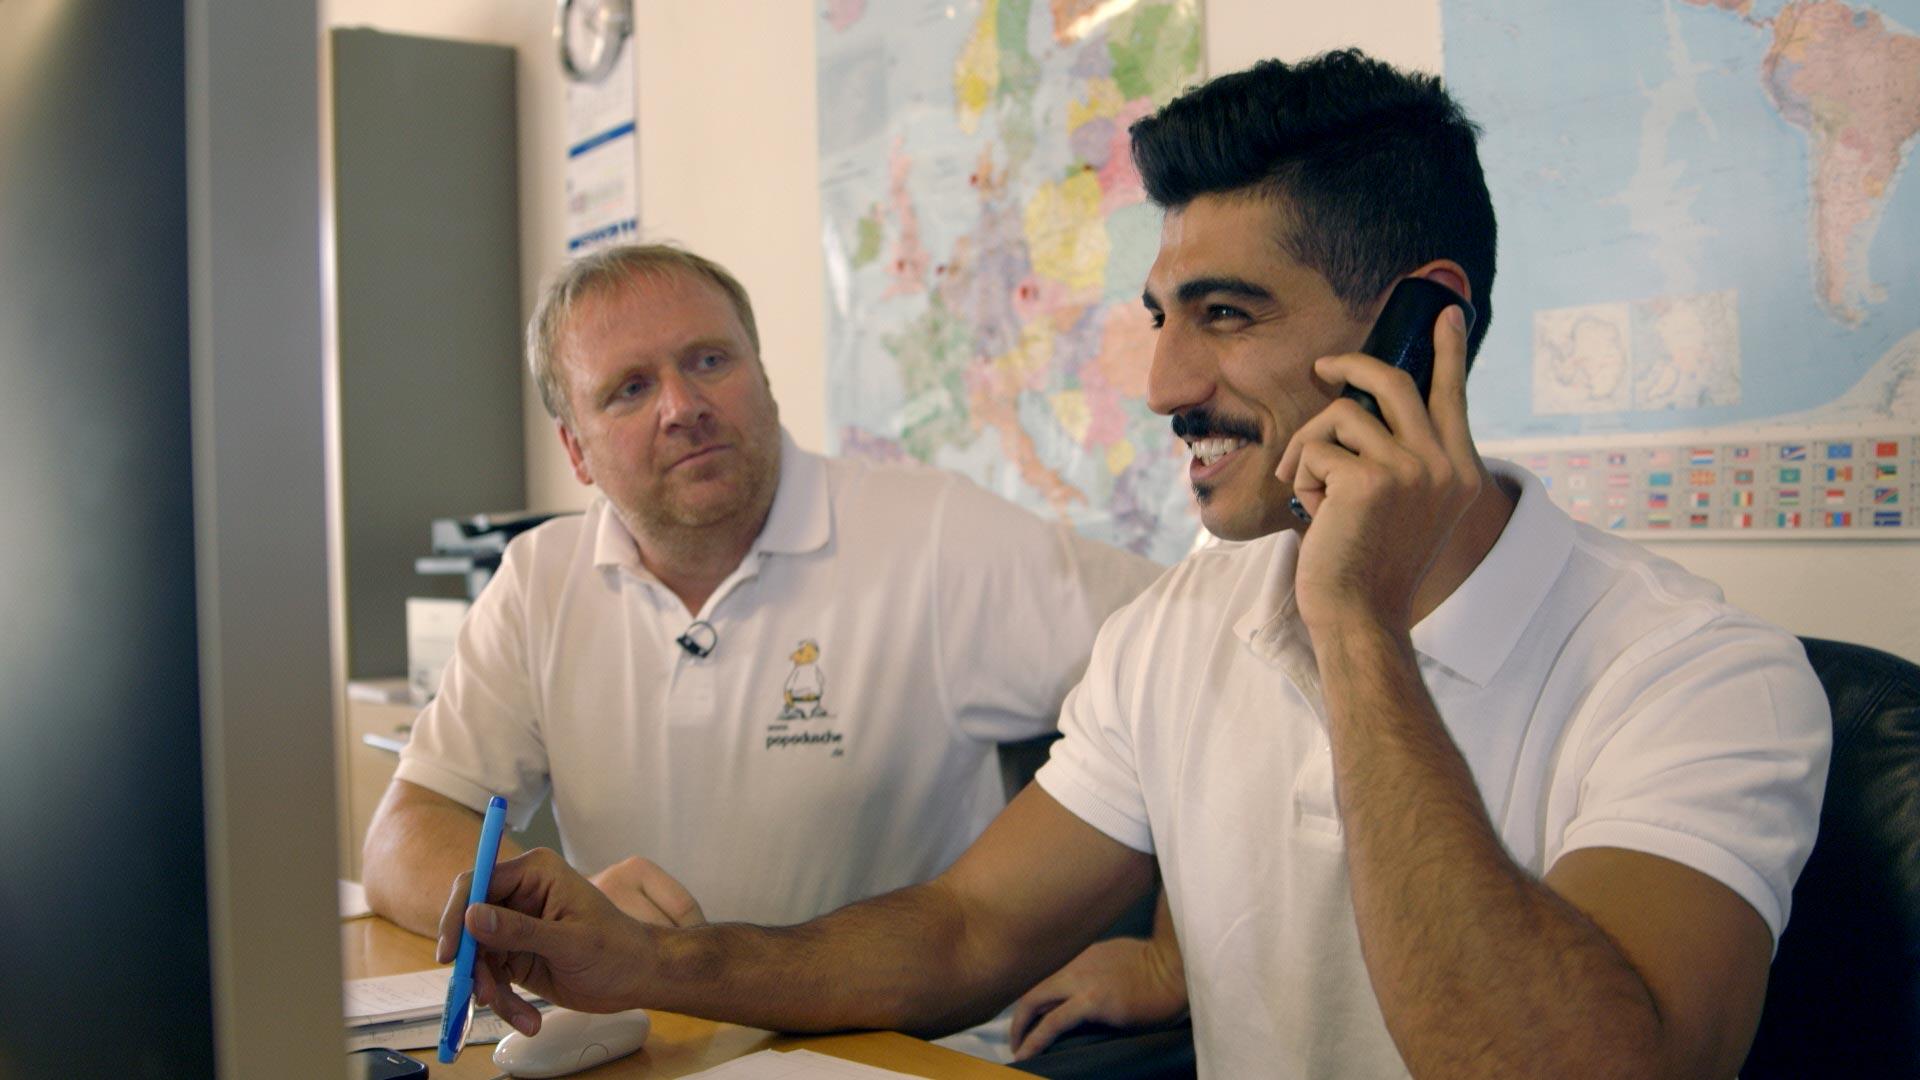 Syrer arbeitet mit seinem deutschen Chef